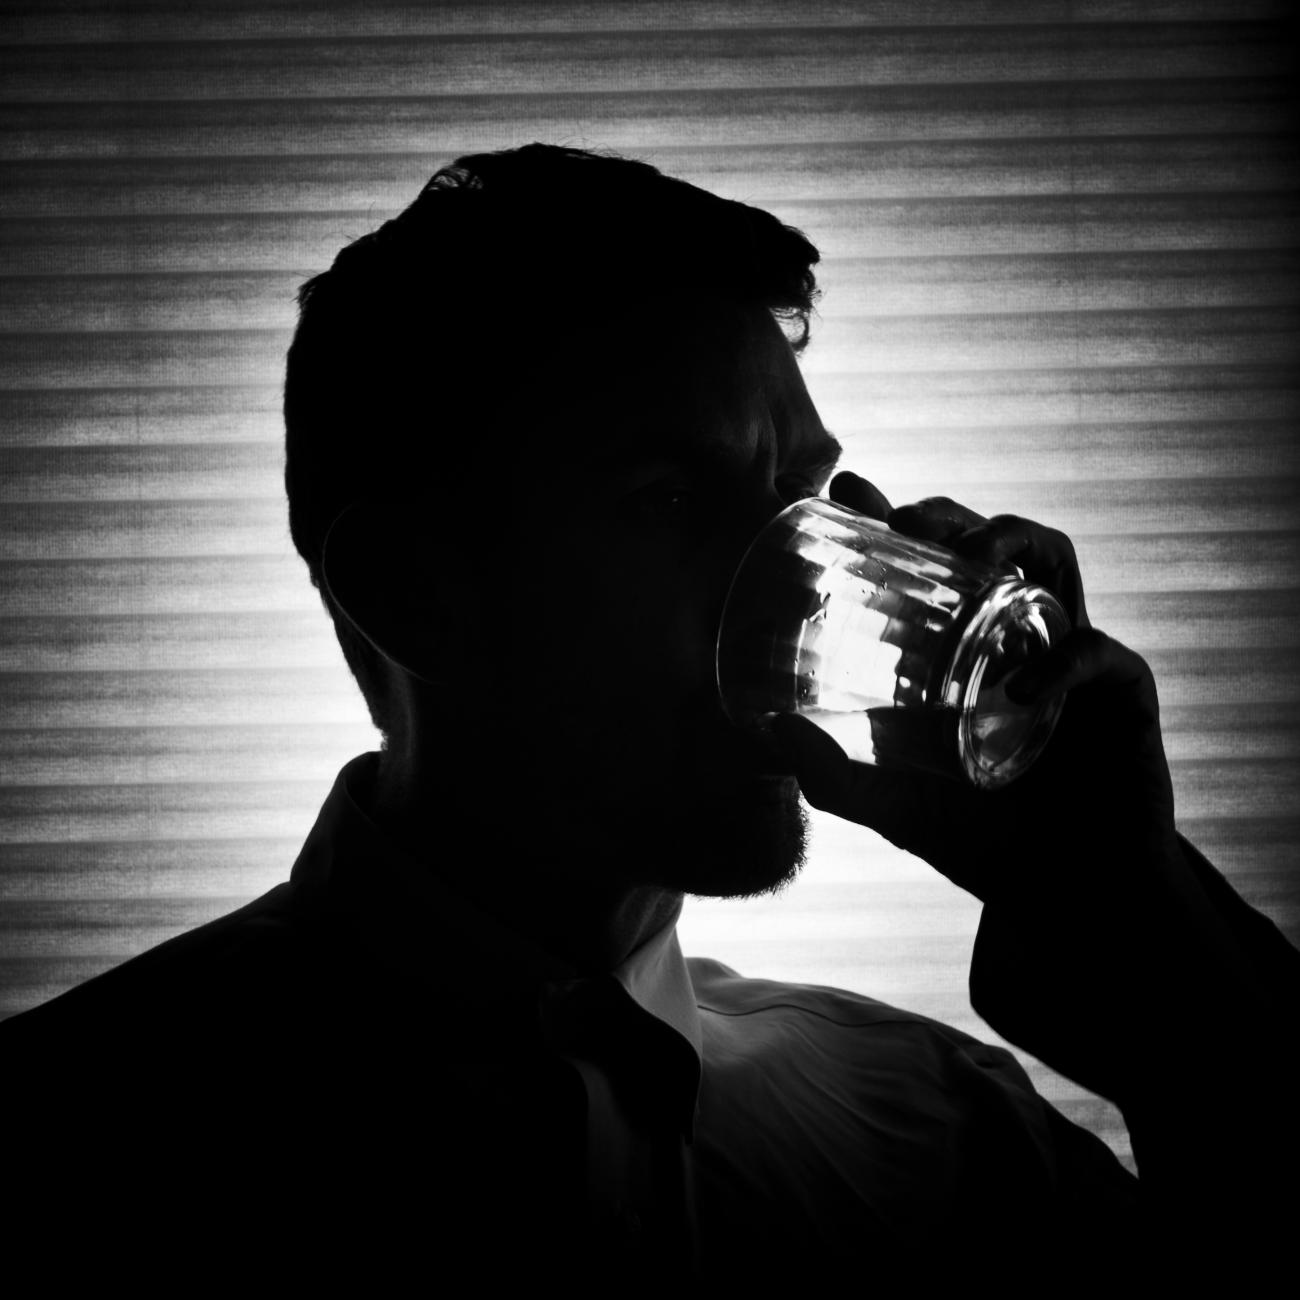 co robić, spotykając się z alkoholikiem umawia się z transseksualną kobietą